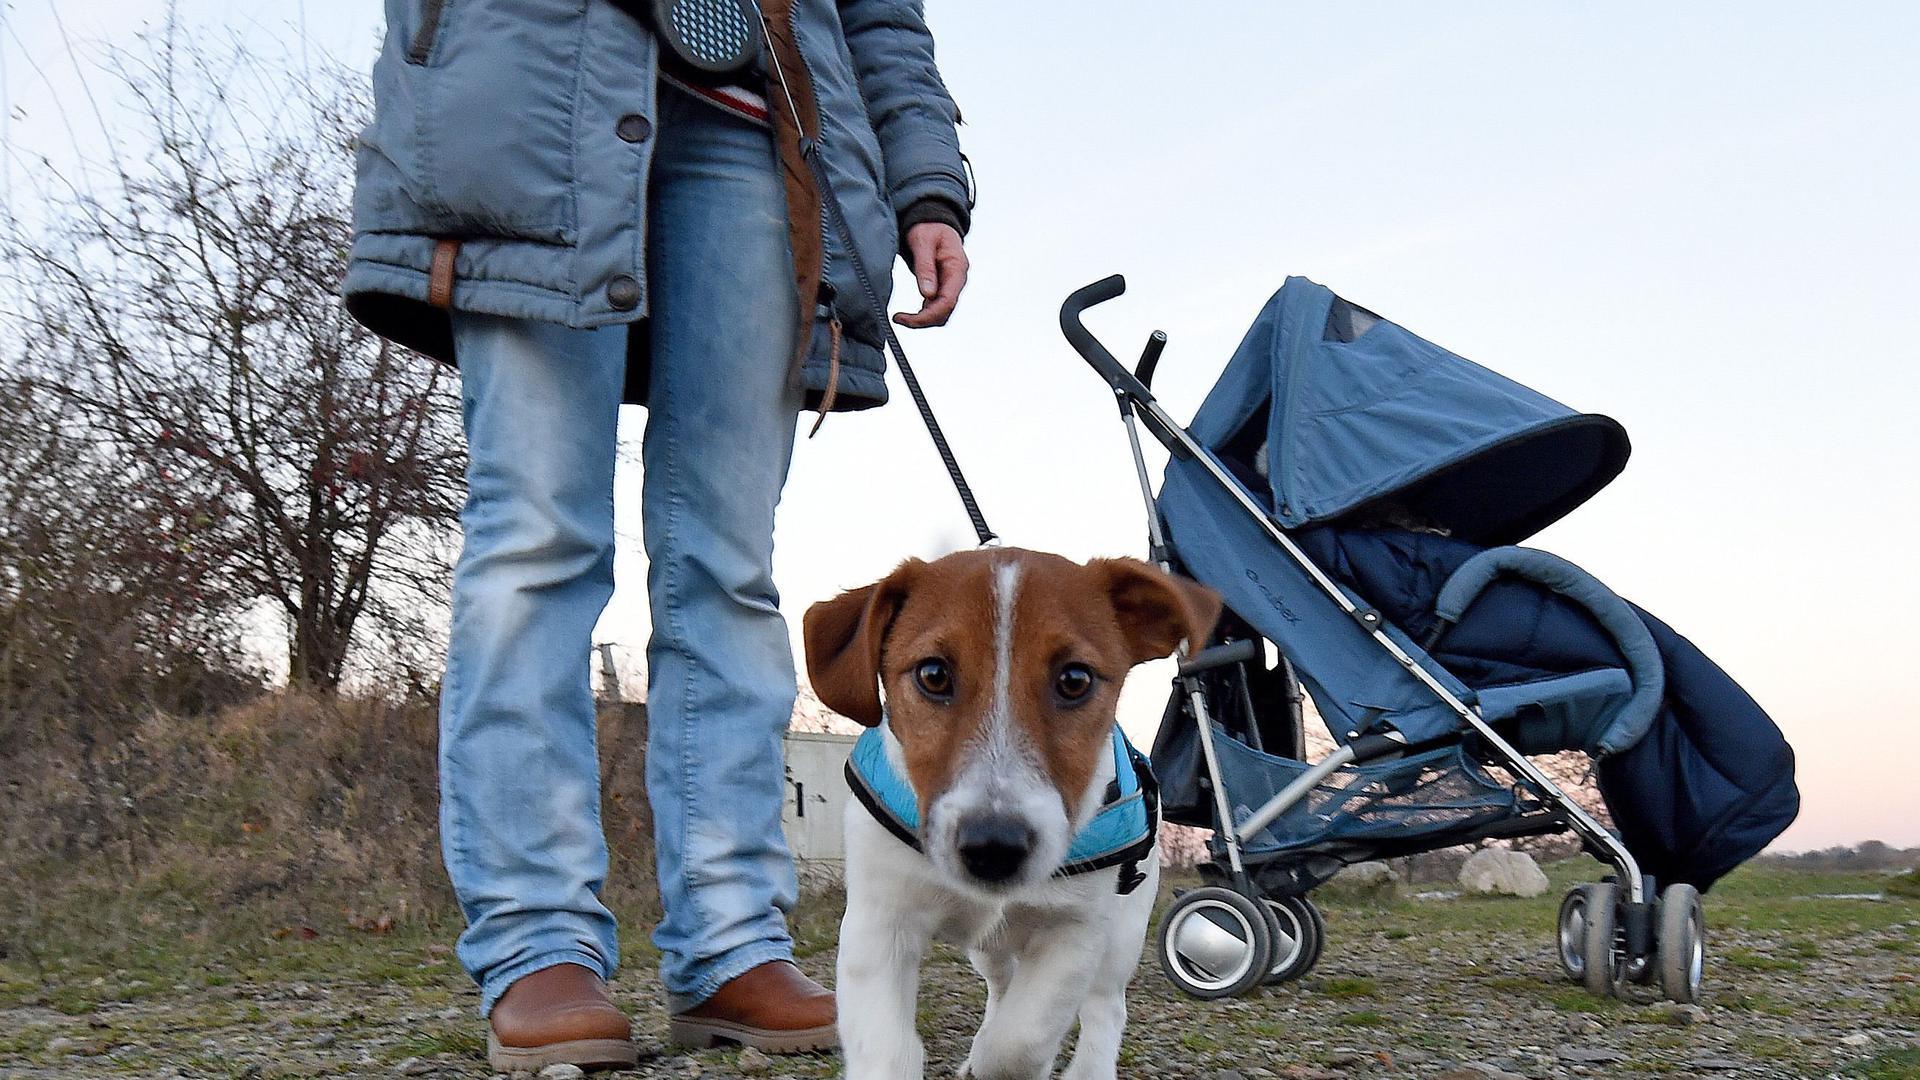 ARCHIV- An der Leine wird Jack Russell Nills von Silja Gräf am 29.11.2016 in Isernhagen in der Region von Hannover (Niedersachsen) ausgeführt. Die Ankündigung der Stadt Osterode, zahlungsunwillige Hundebesitzer im Frühjahr durch Hausbesuche aufzuspüren, hat schon jetzt Erfolge gebracht. (zu dpa «Halter melden Hunde aus Angst vor Kontrolleuren an» vom 20.03.2017) Foto: Holger Hollemann/dpa +++ dpa-Bildfunk +++